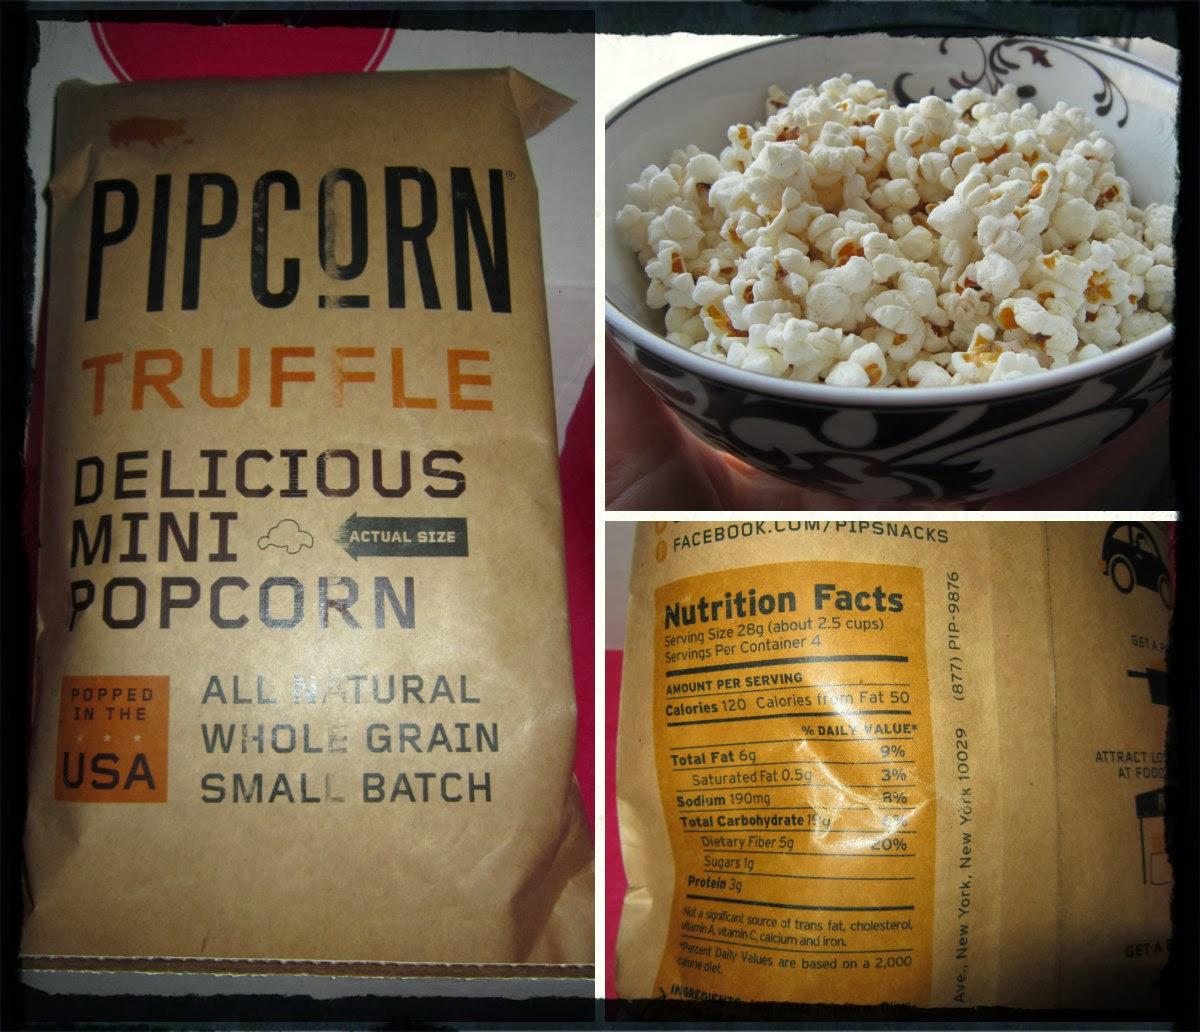 Pipsnacks White Truffle Pipcorn